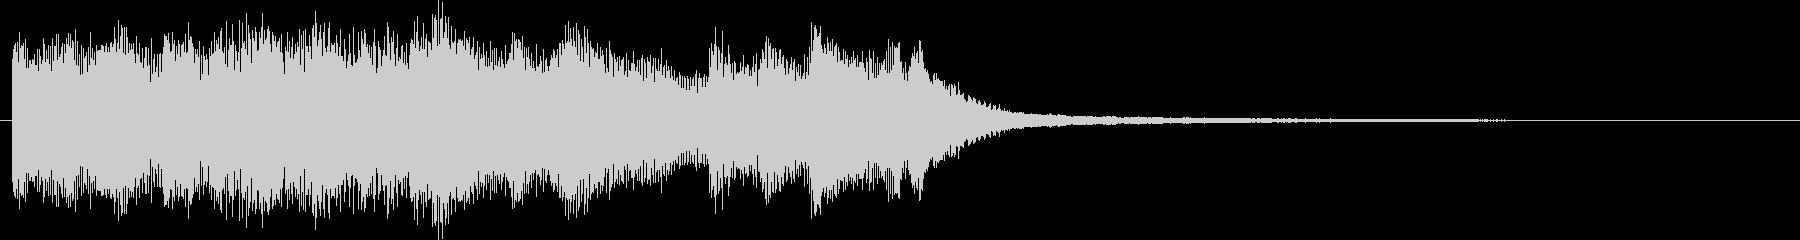 電子音とピアノ音の混ざったジングルです。の未再生の波形